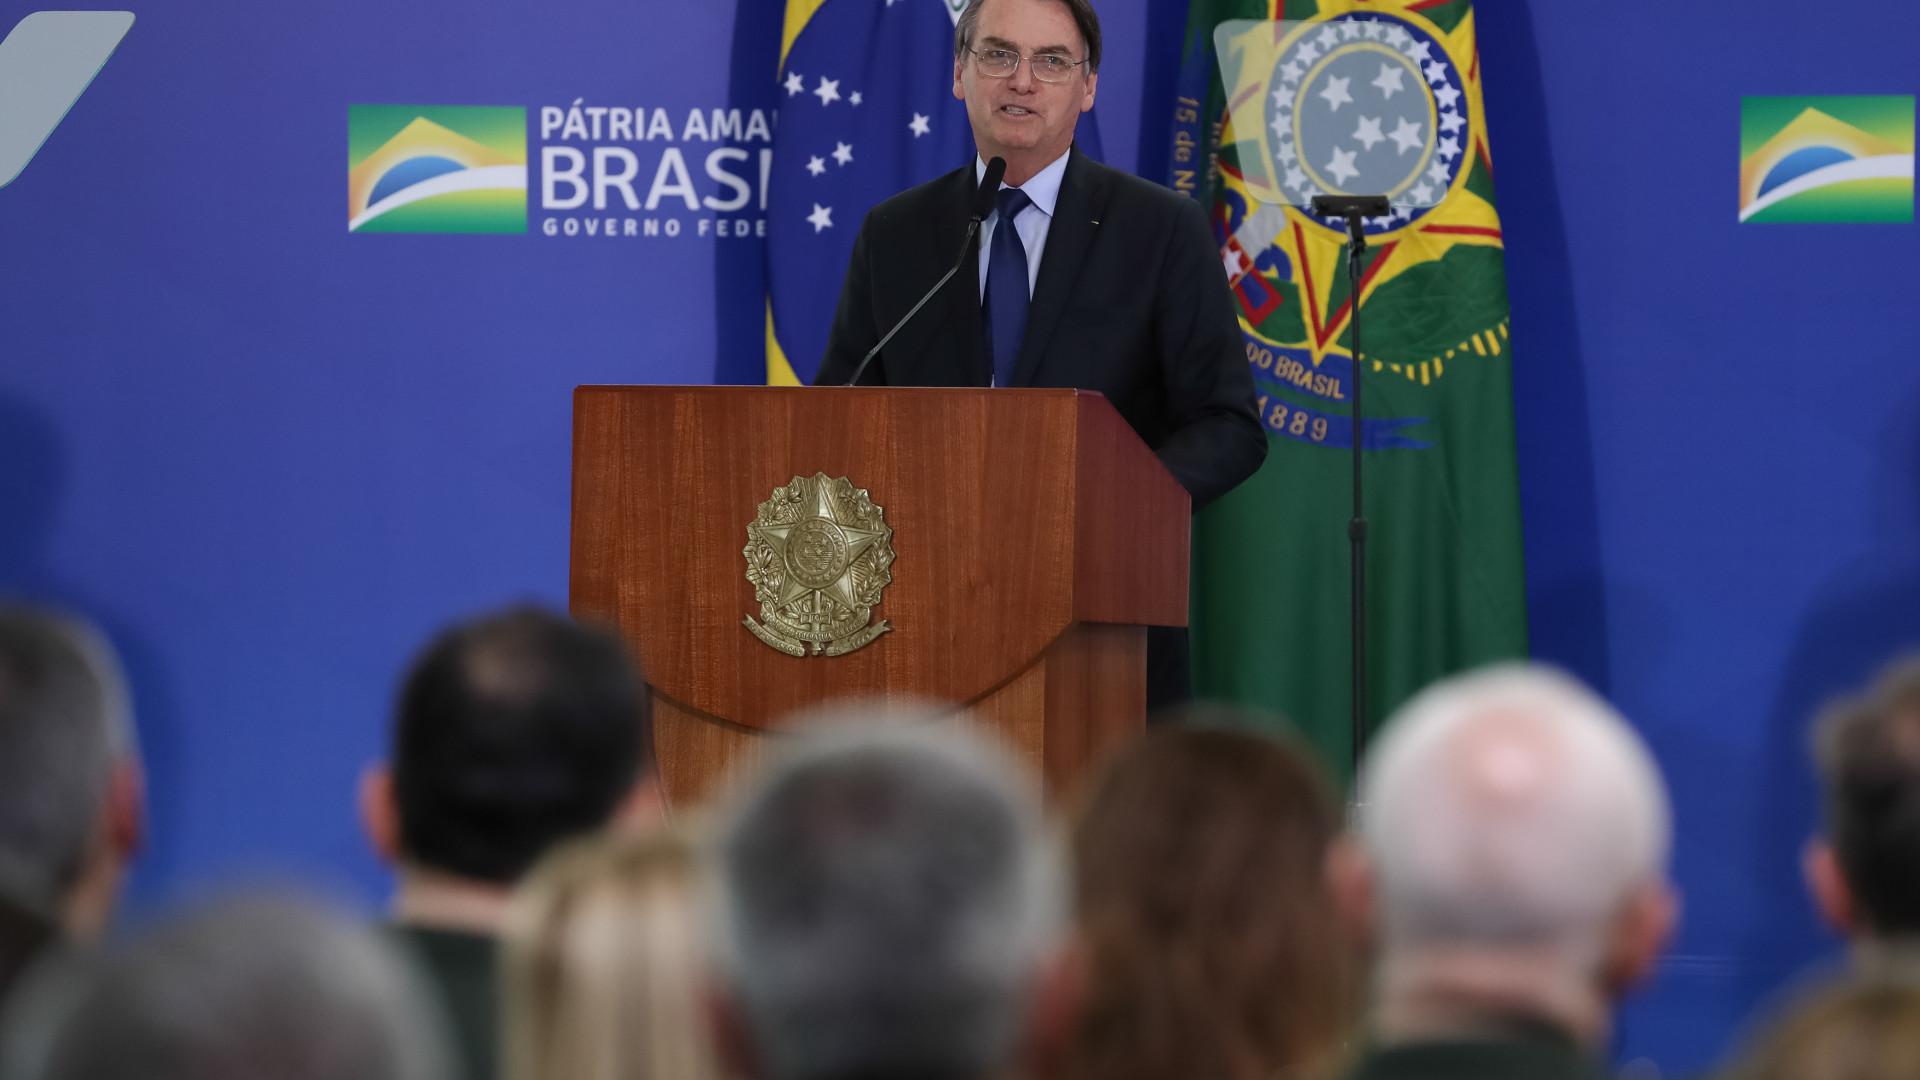 Não nasci para ser presidente, nasci para ser militar, diz Bolsonaro